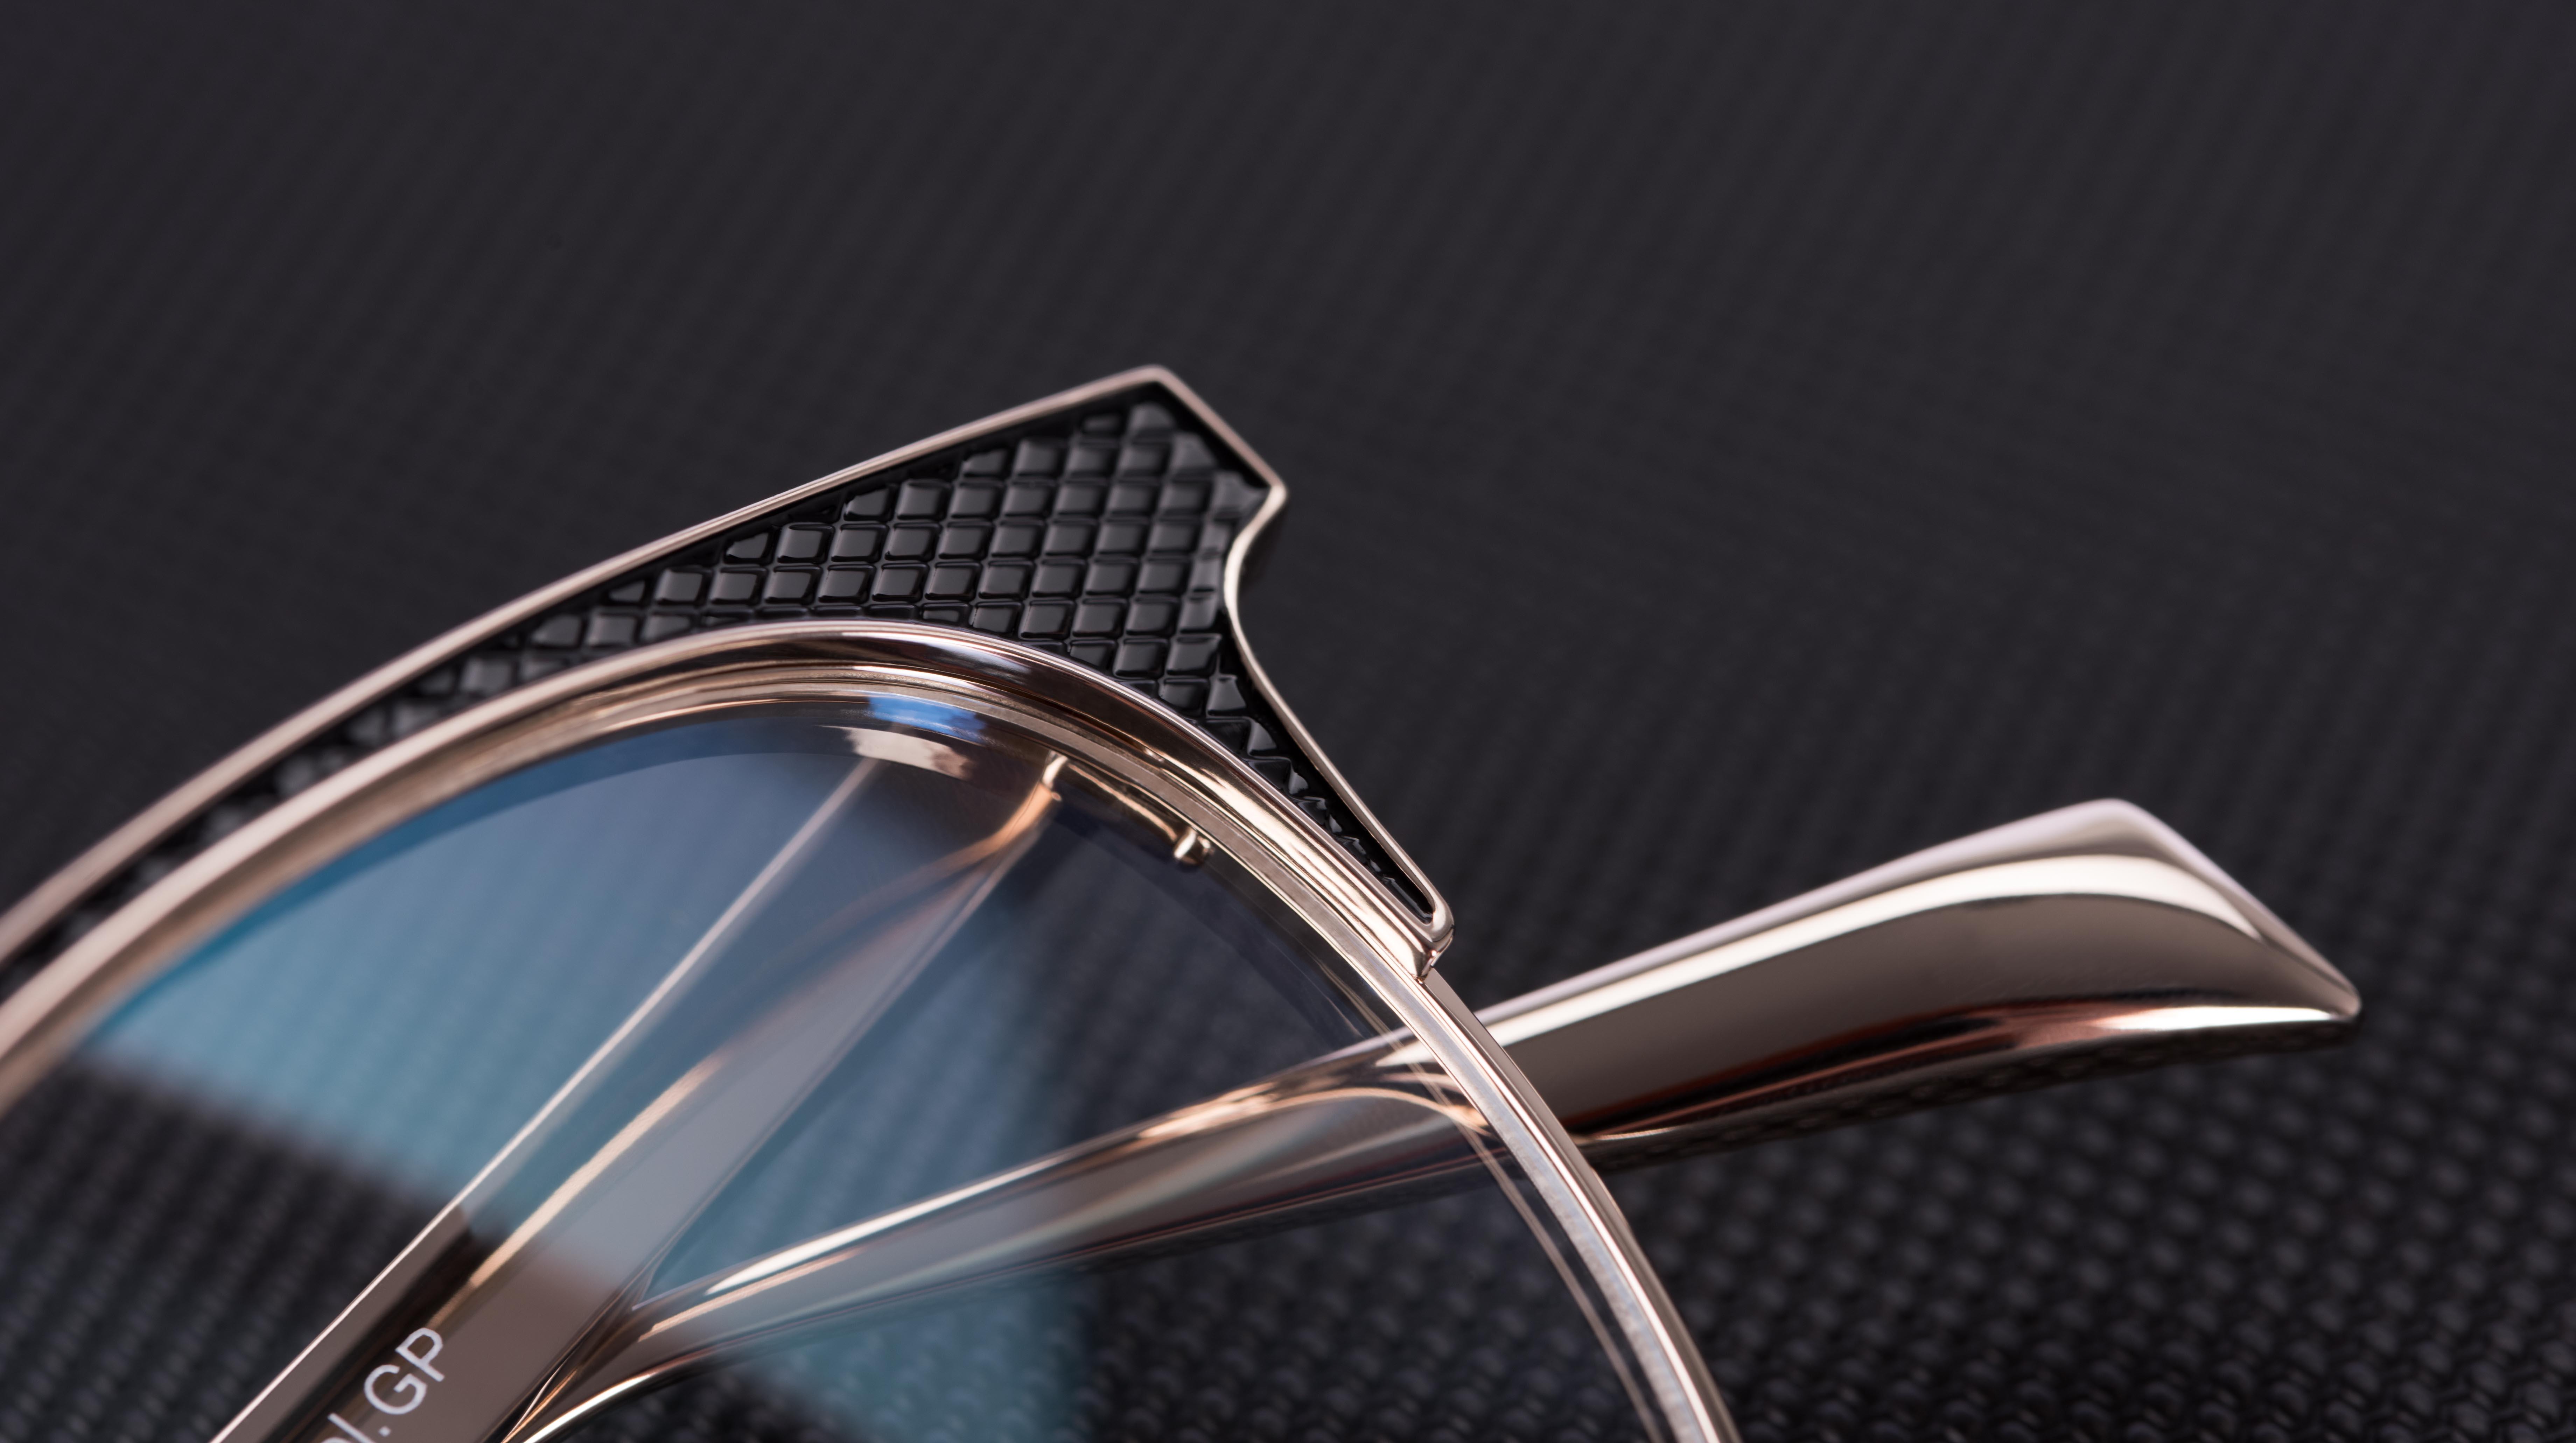 Extravagant Titanium – The New M12 by Lunor